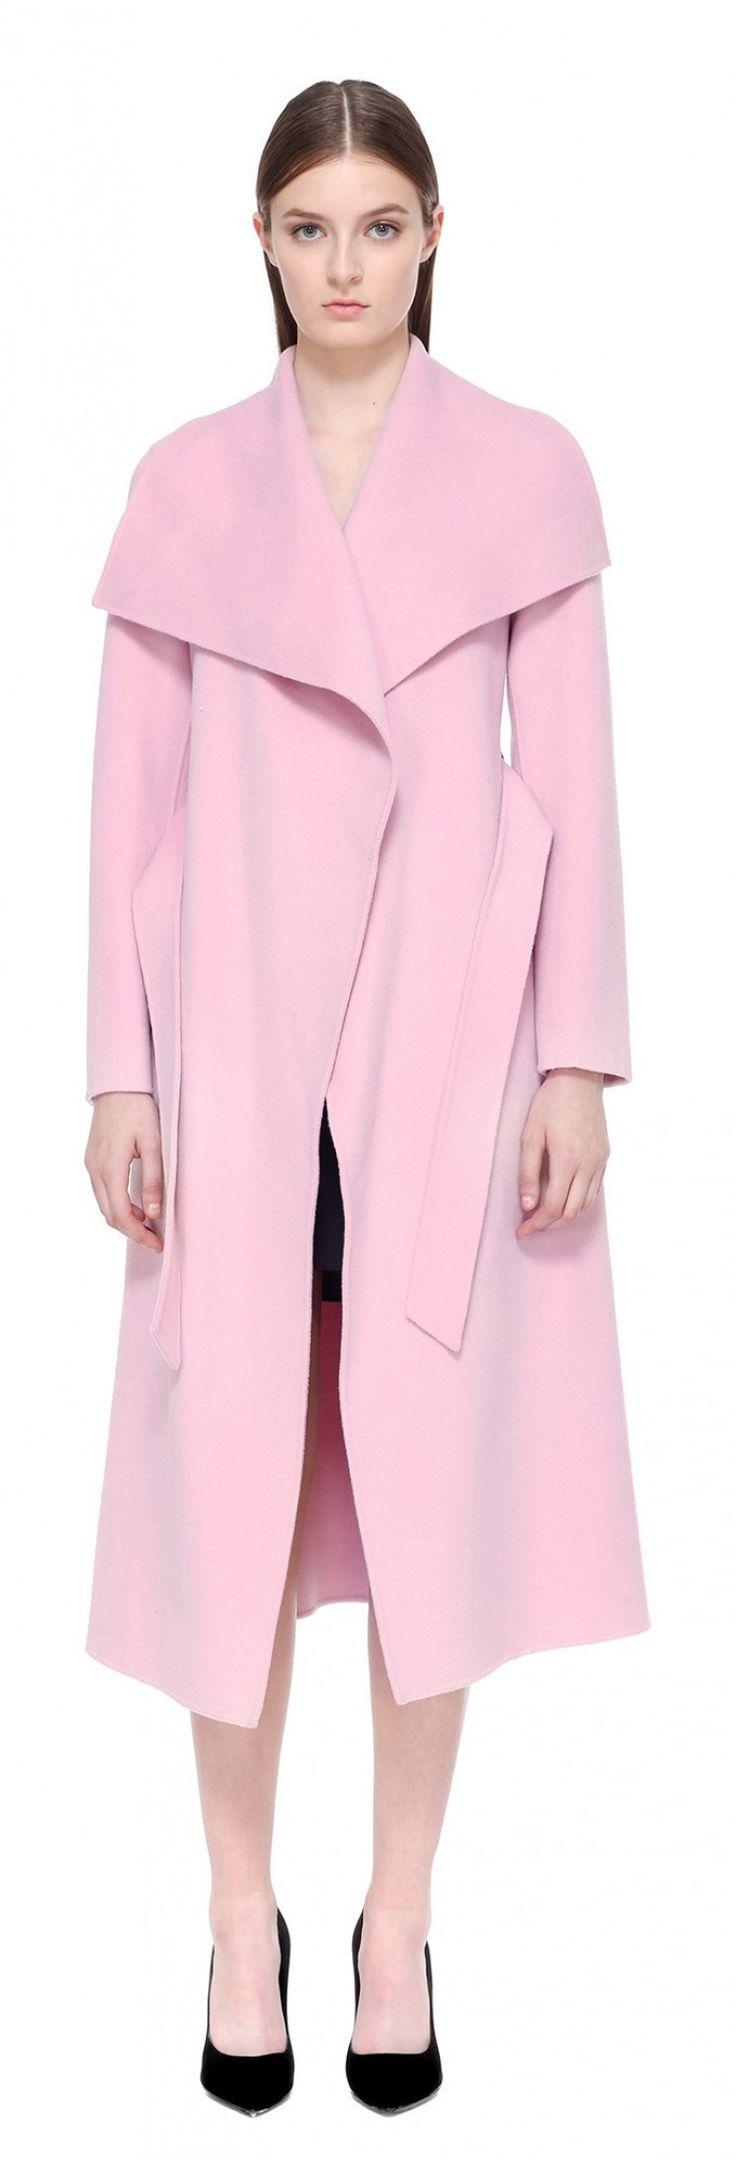 Mackage - Manteau de laine Mai disponible en taille TTP - prix régulier 790,00$